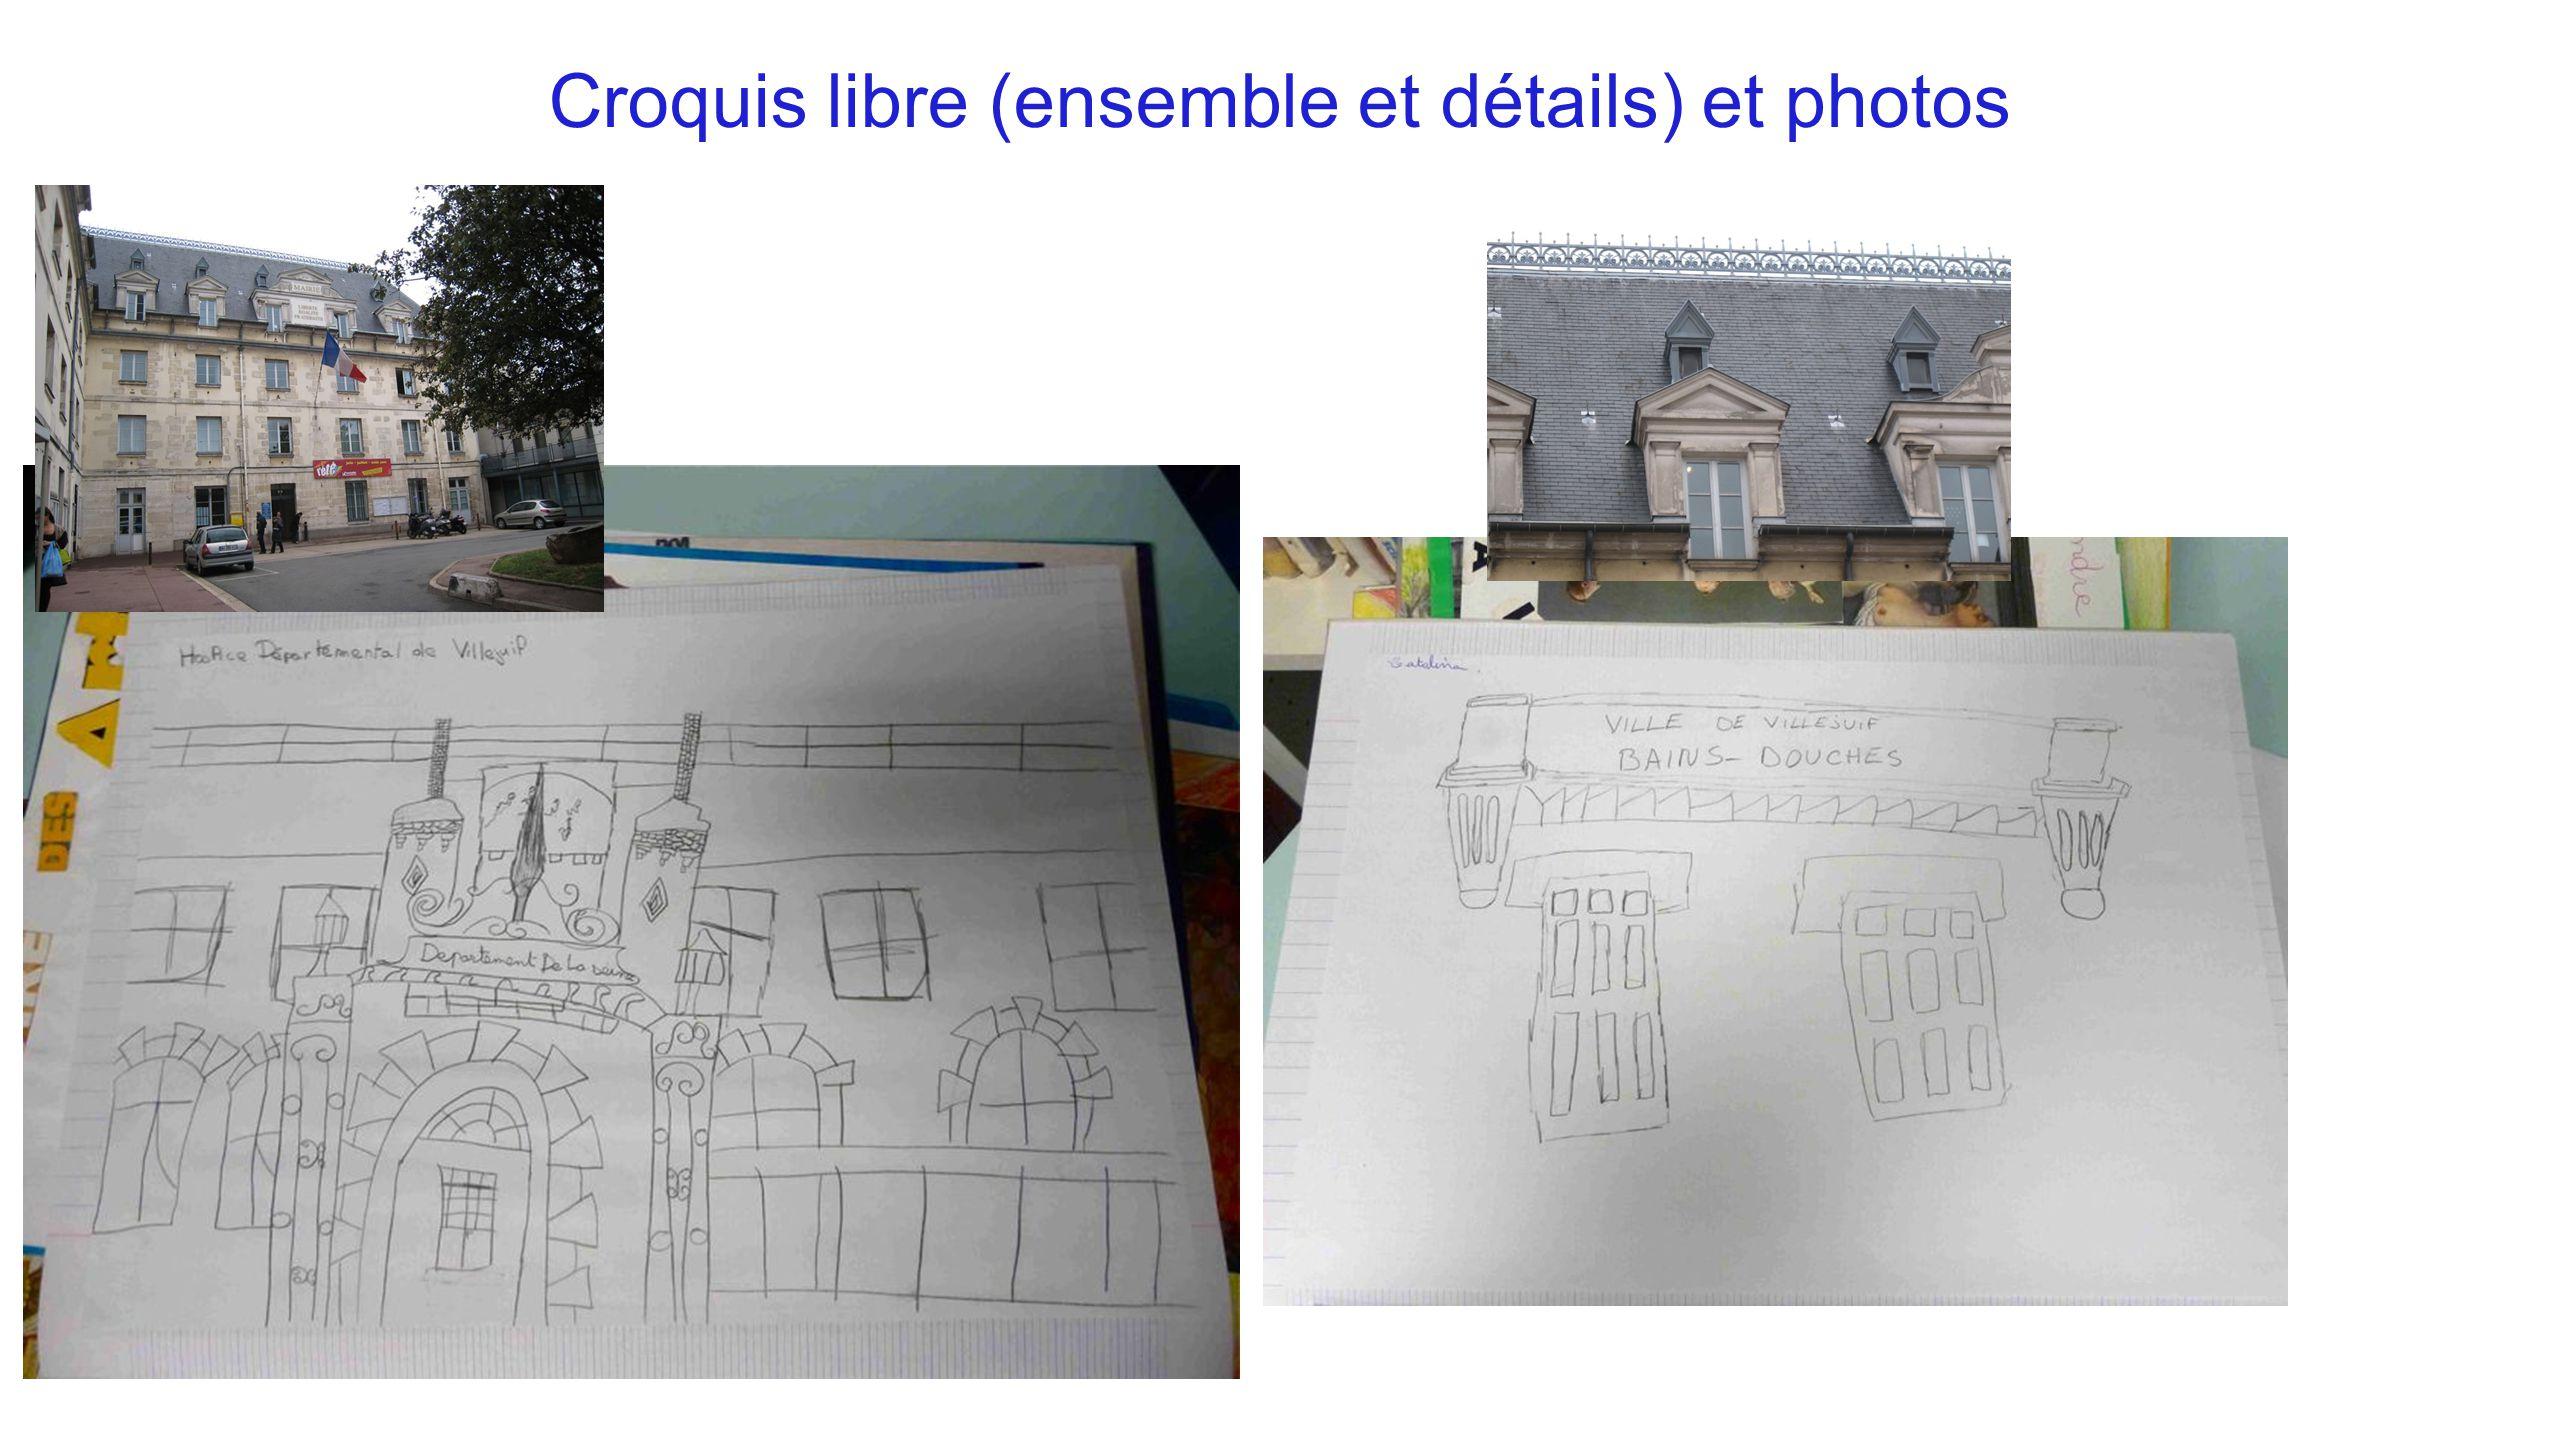 Croquis libre (ensemble et détails) et photos